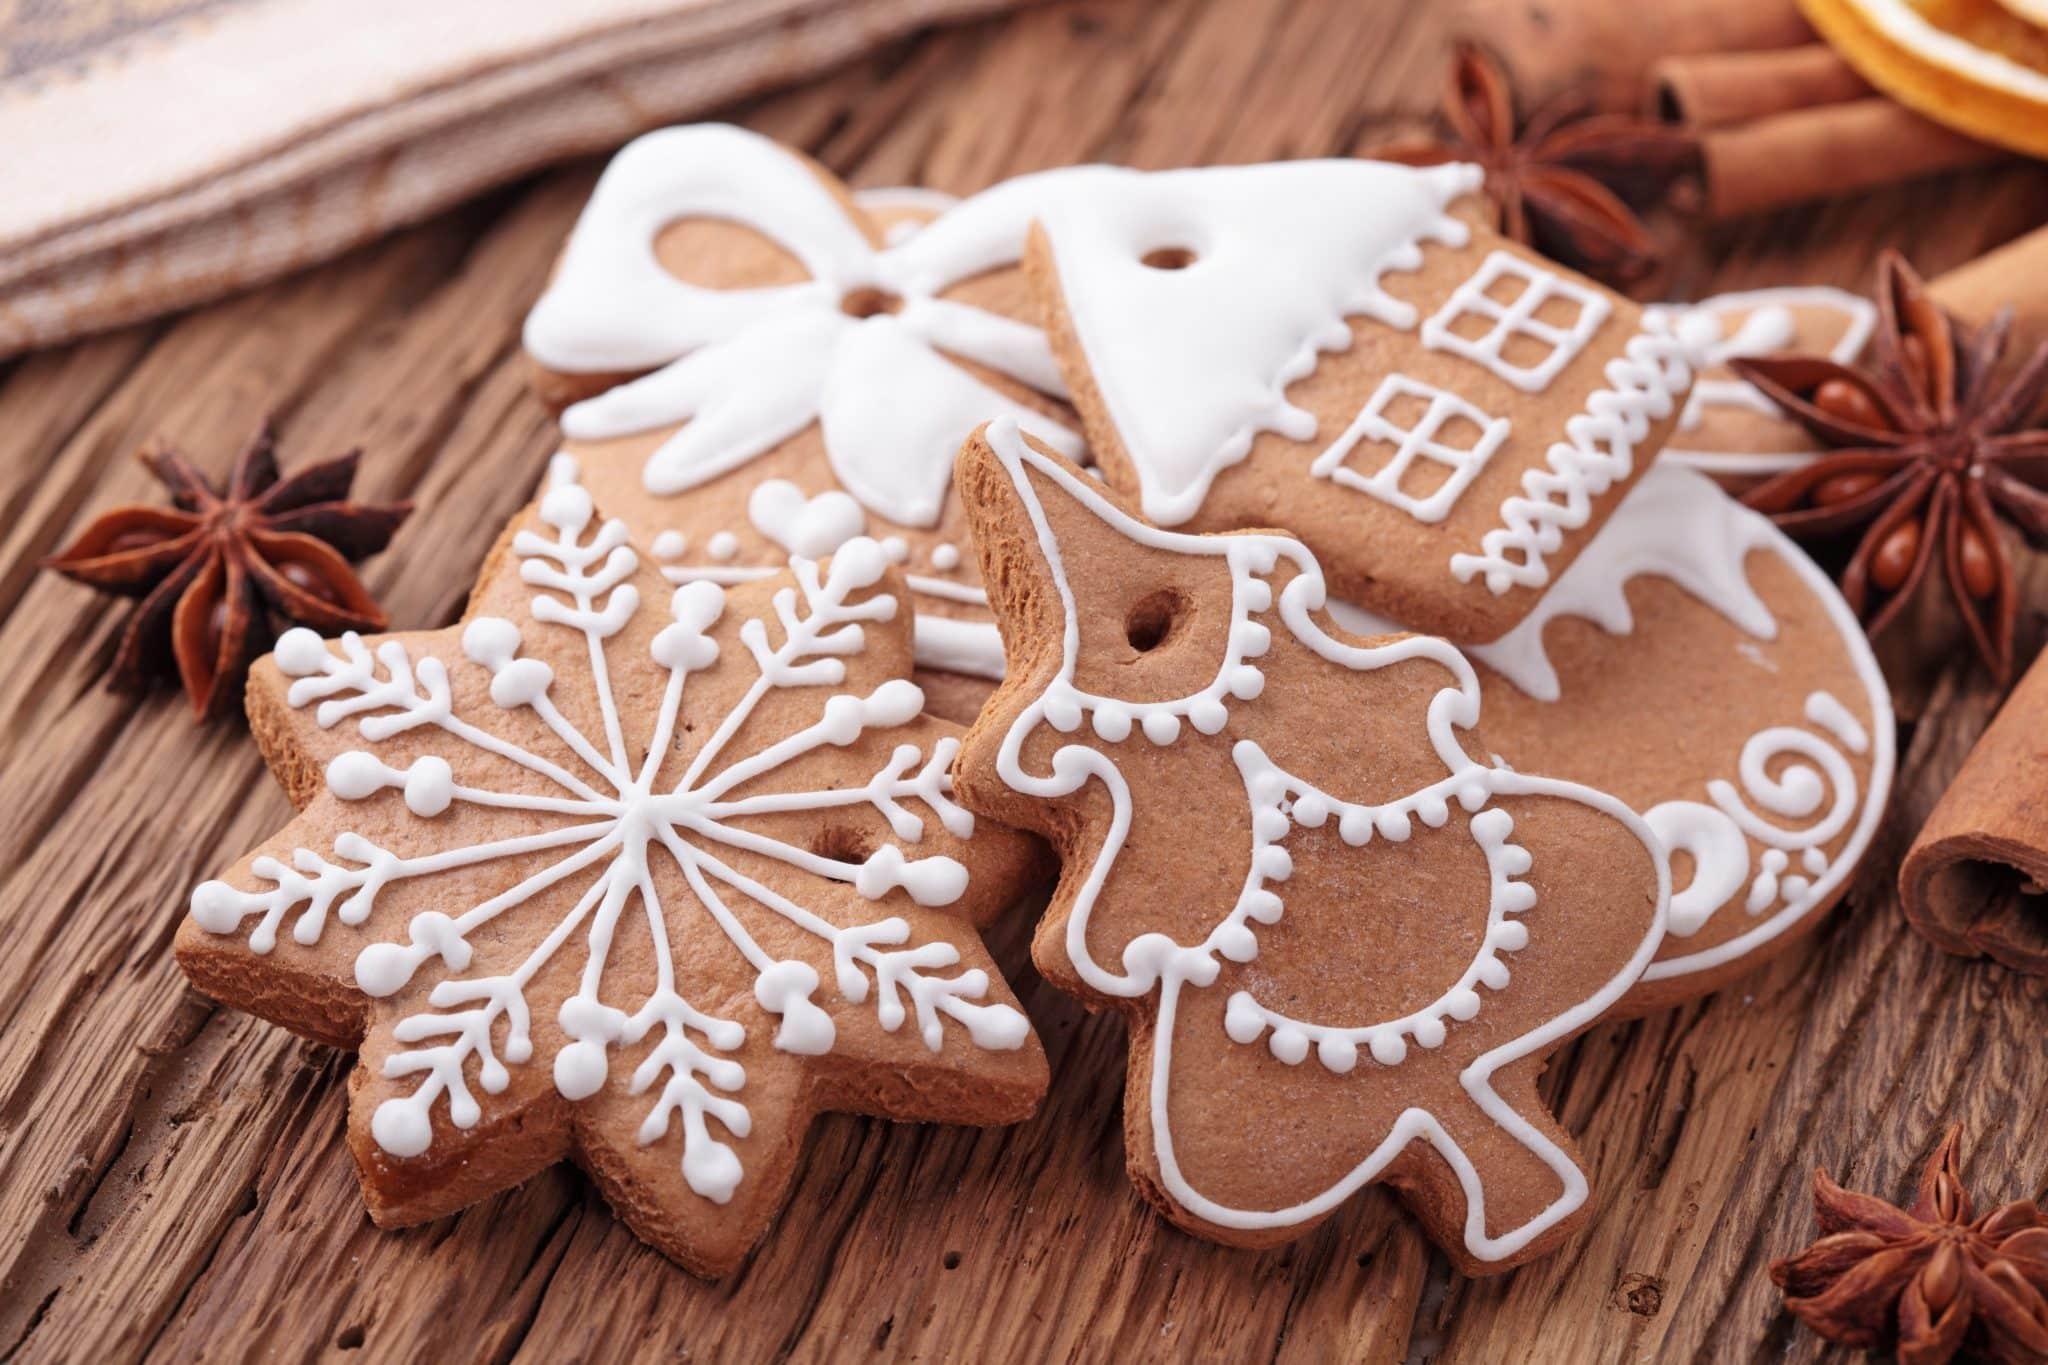 immagine dei biscotti di natale biancolievito